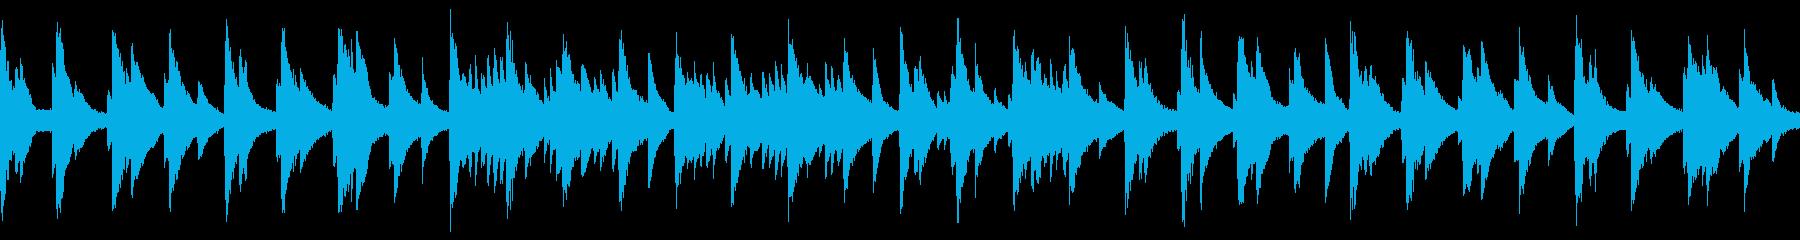 水底をイメージしたピアノBGM【ループ】の再生済みの波形